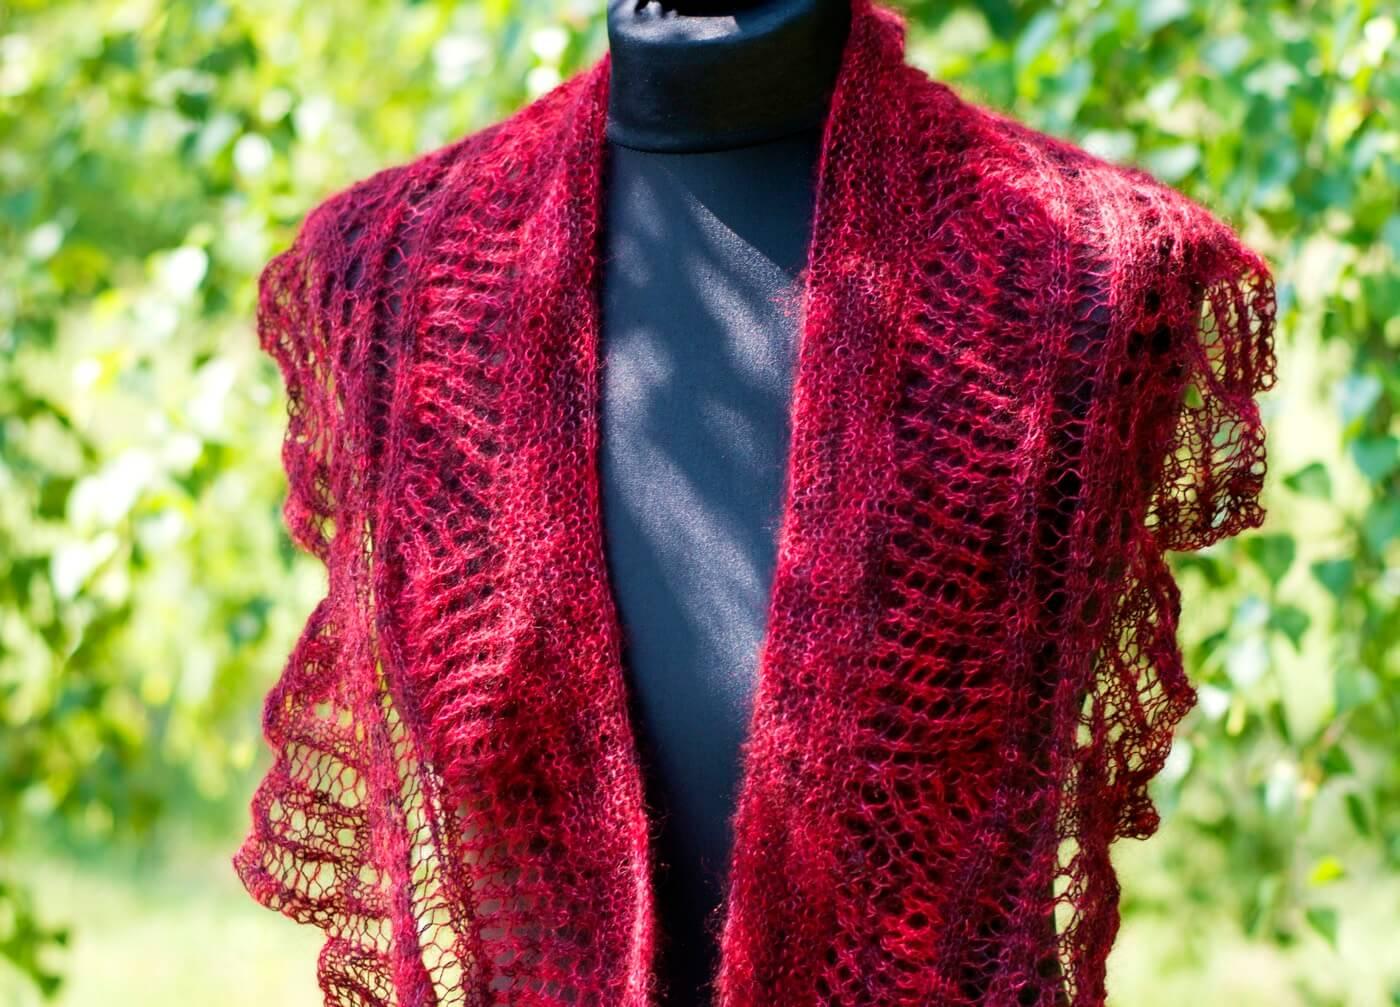 Gestricktes Lace-Tuch Baccara - stricken und häkeln